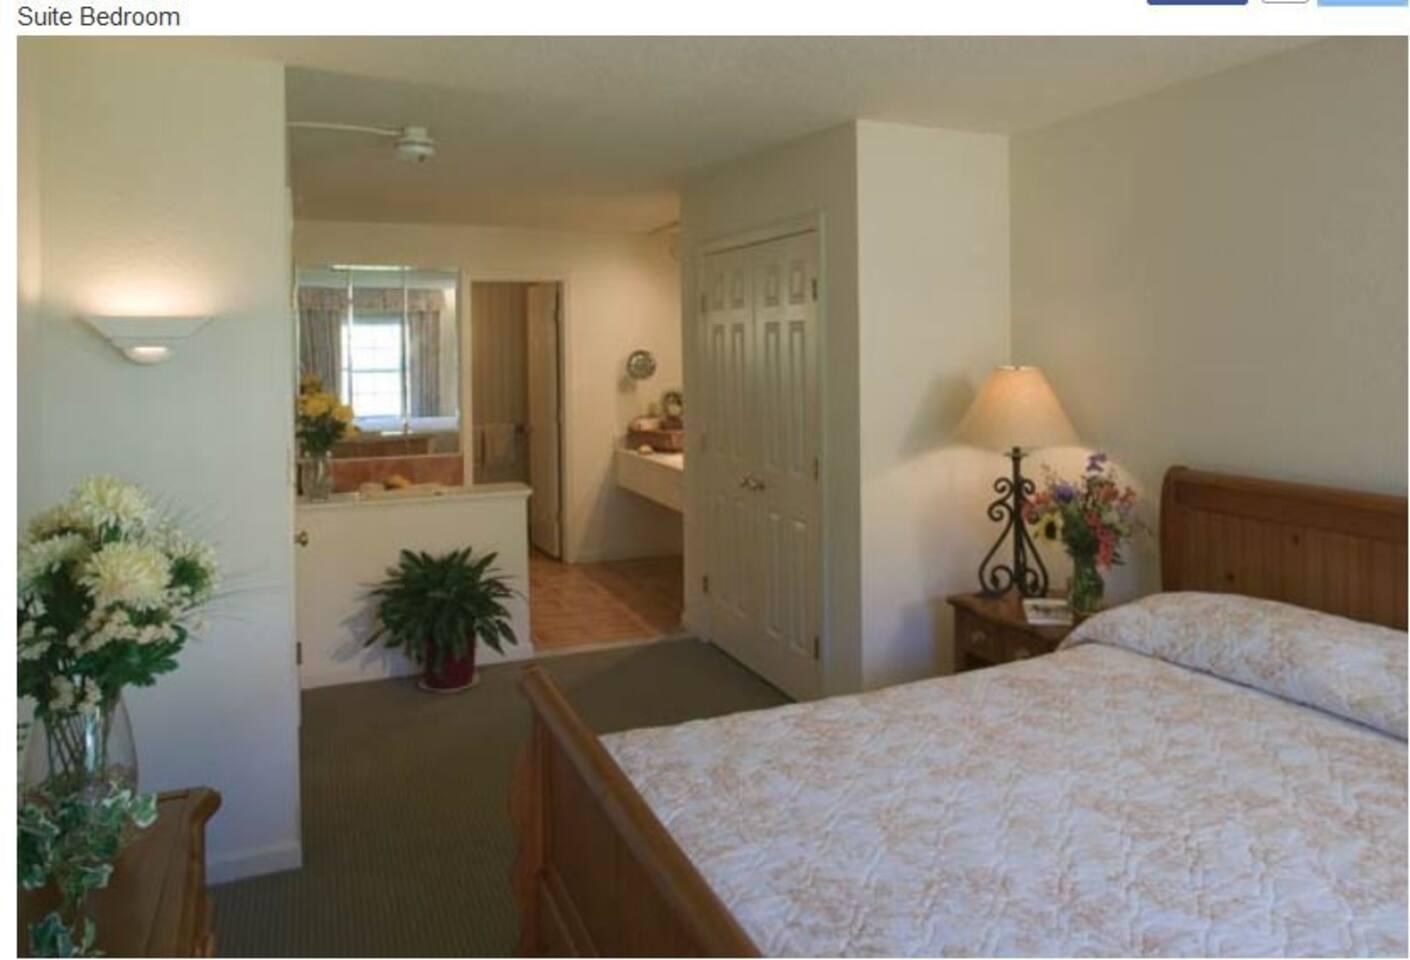 rent resort united for states ma at wyndham brook deluxe rooms massachusetts in bedroom bentley hancock condominiums